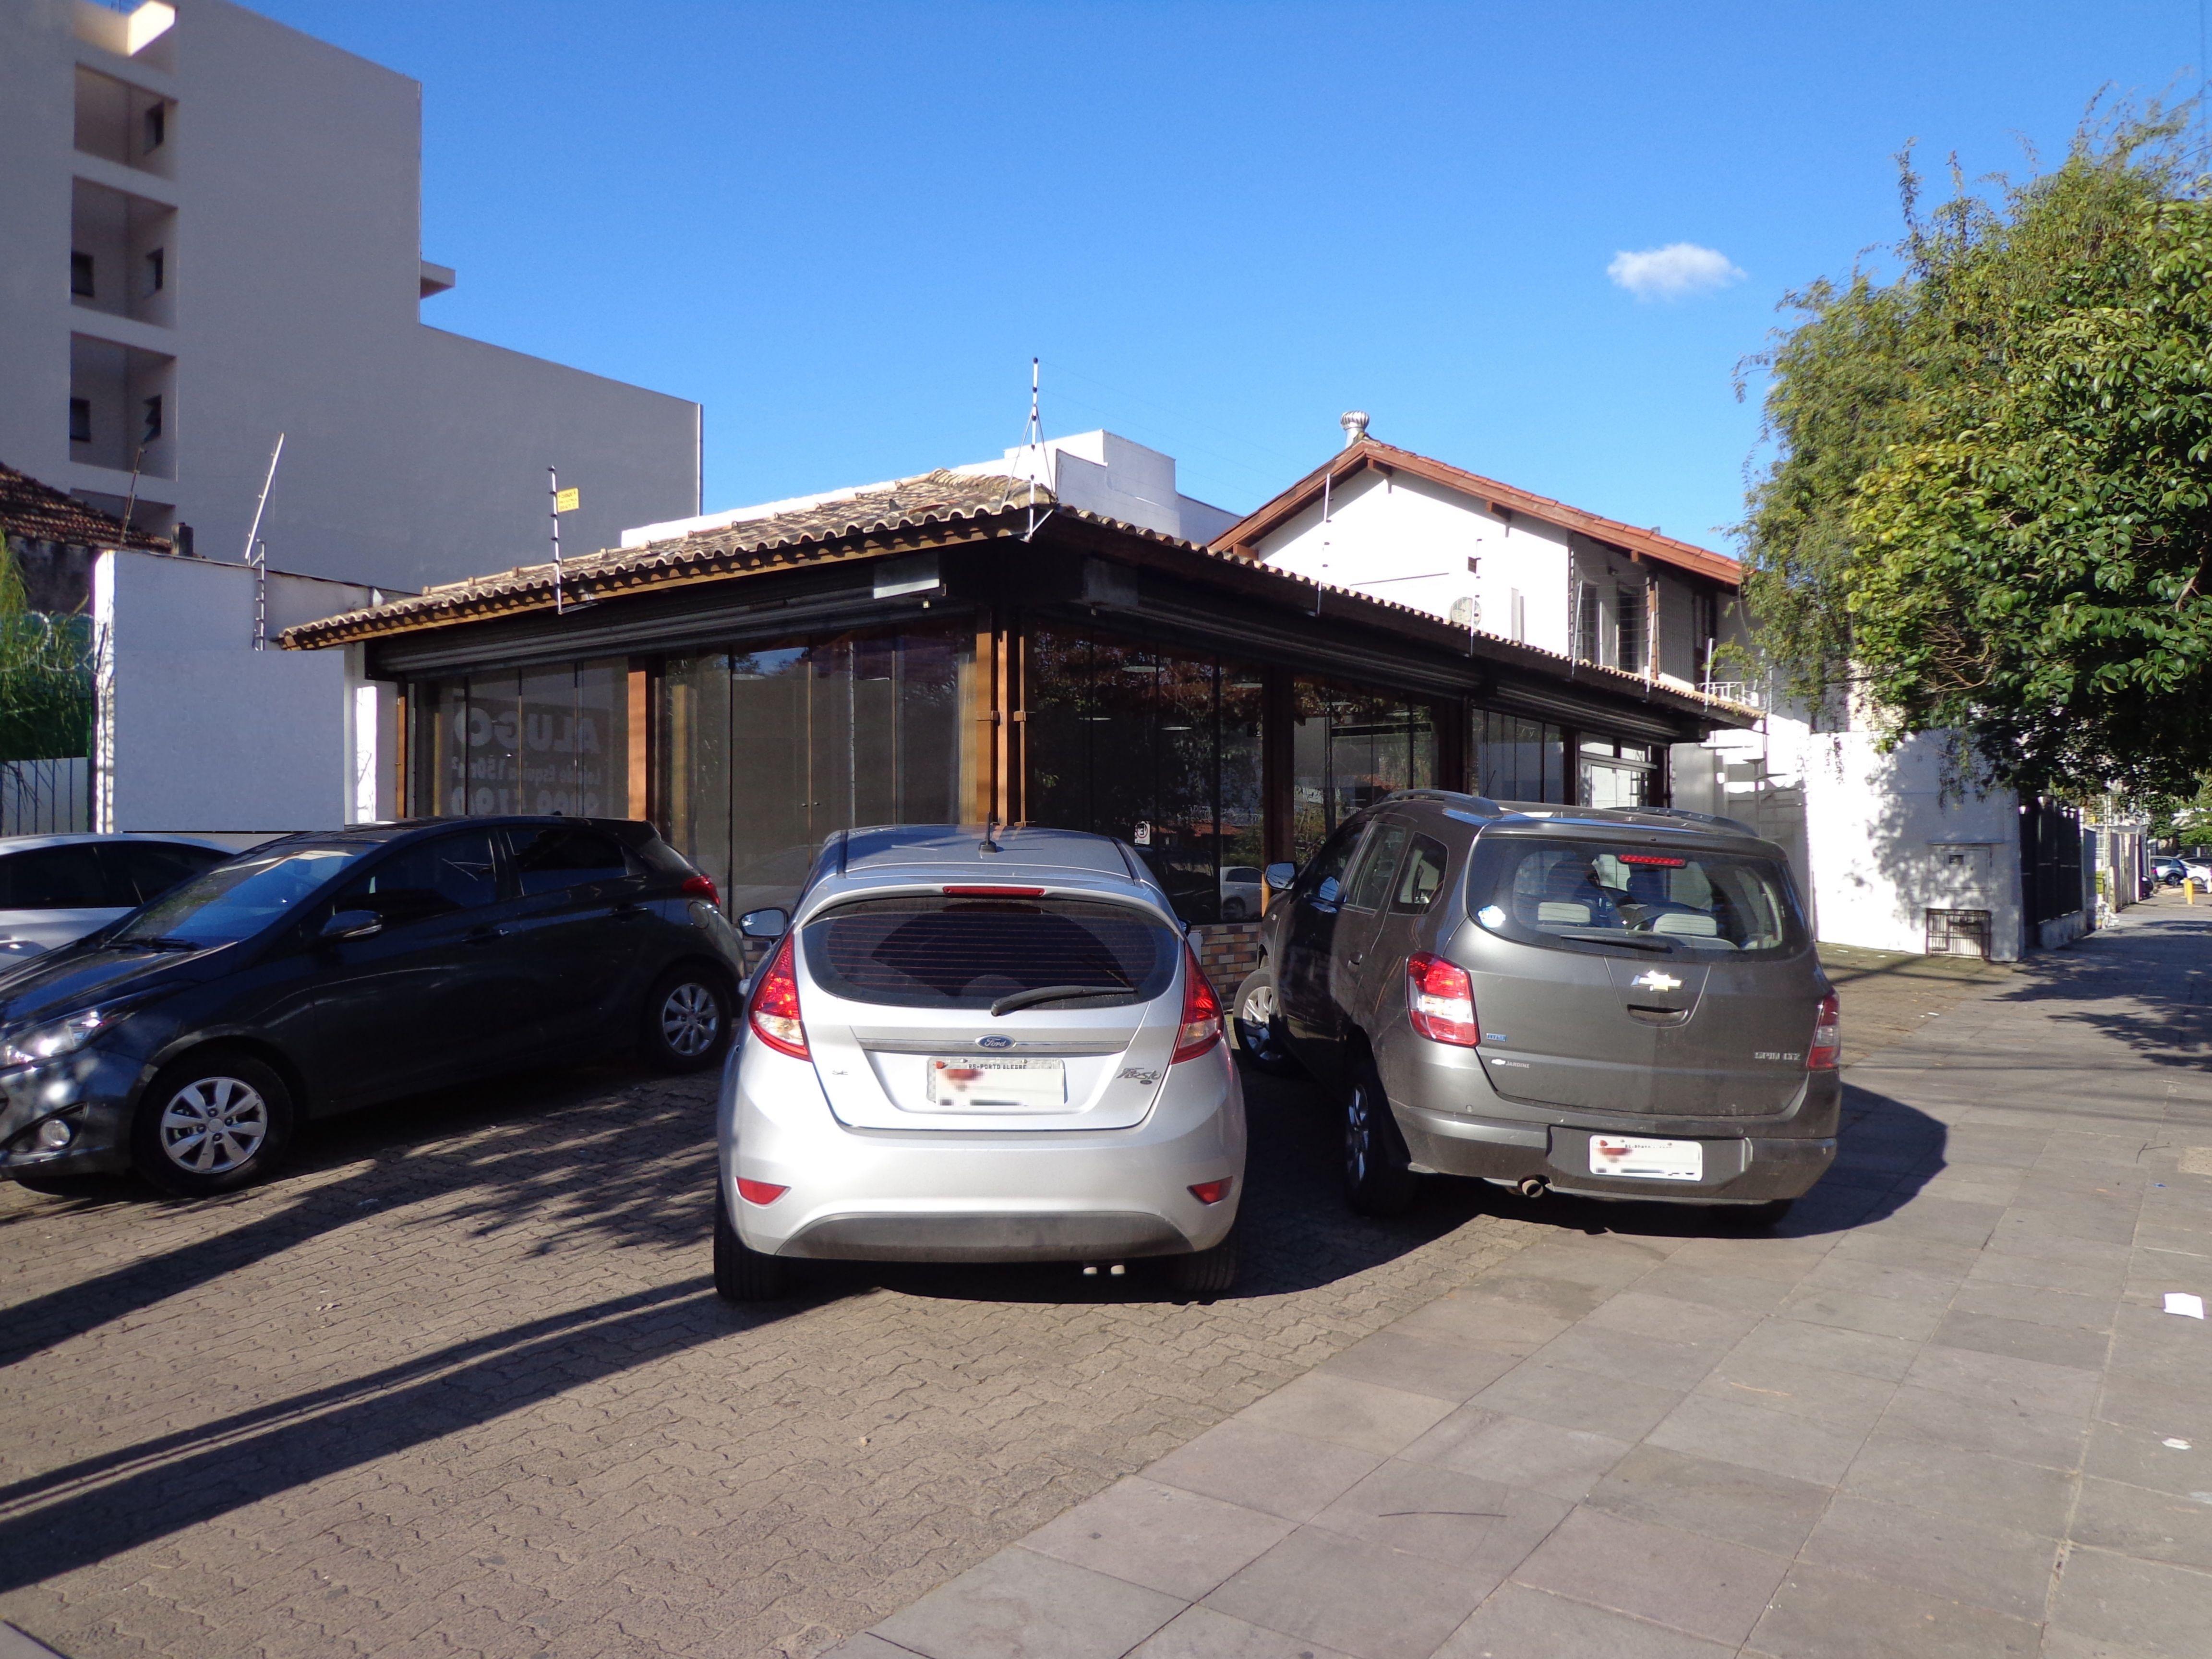 Loja Menino Deus Porto Alegre